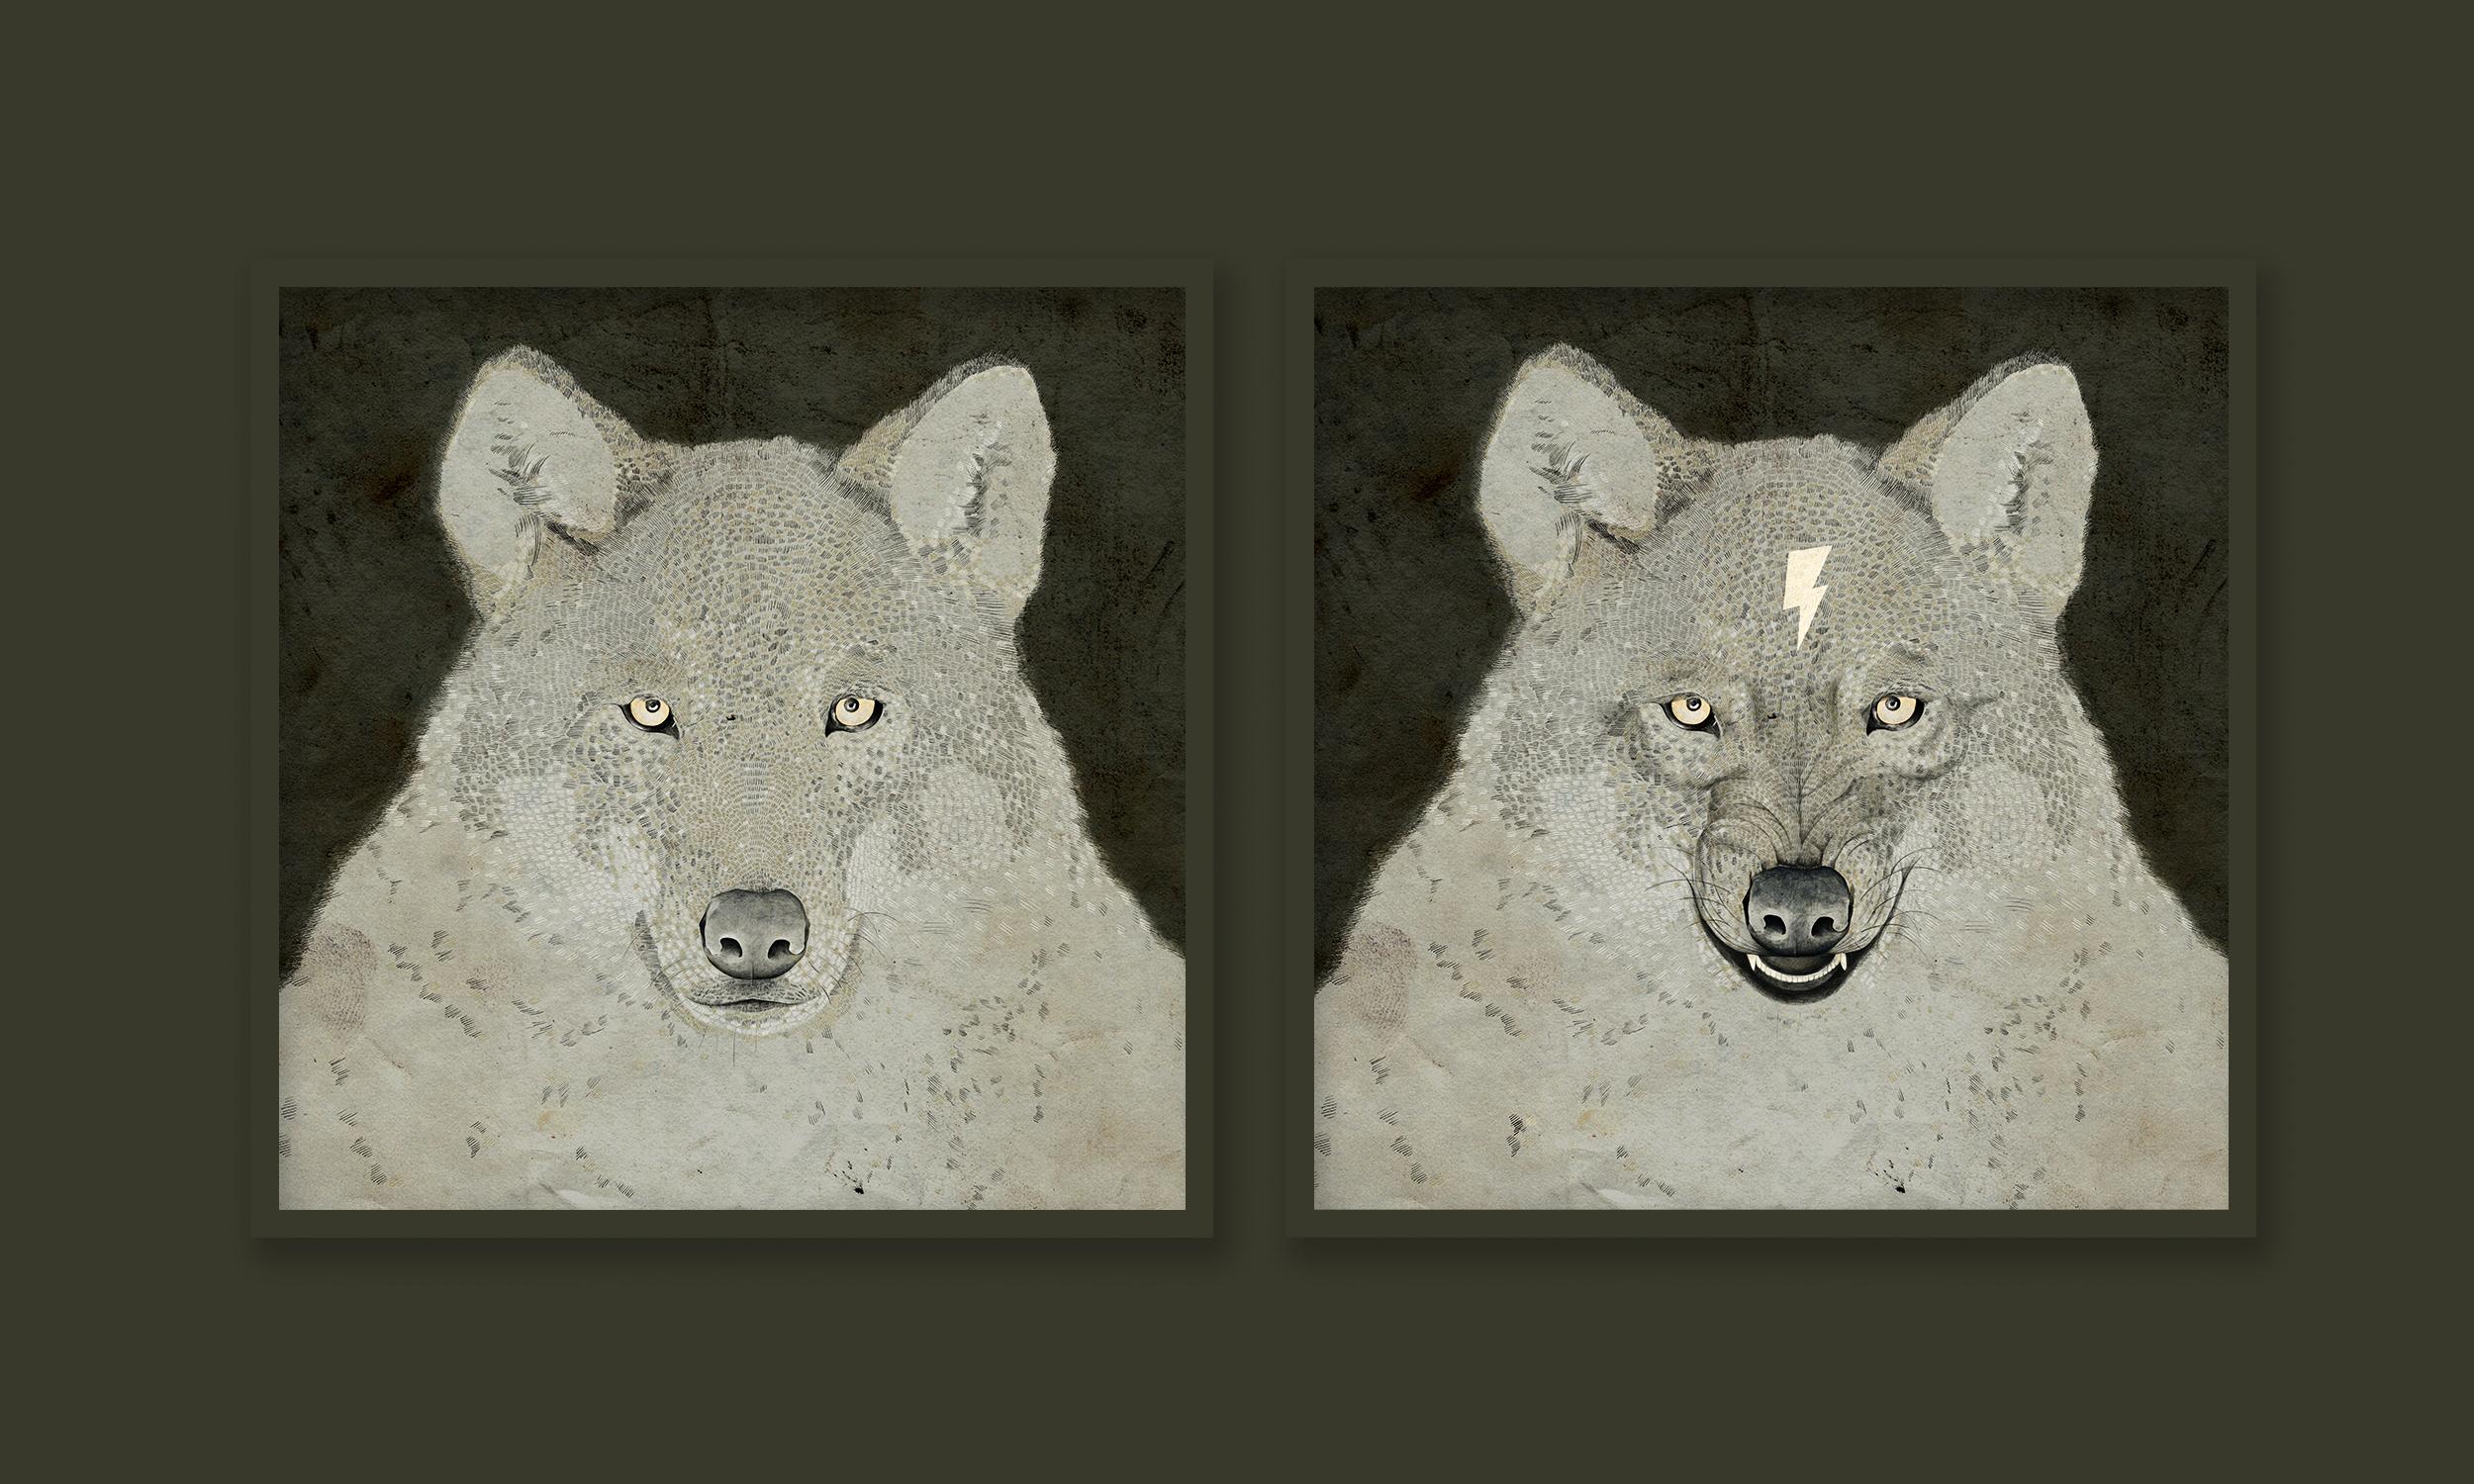 animals_jednak